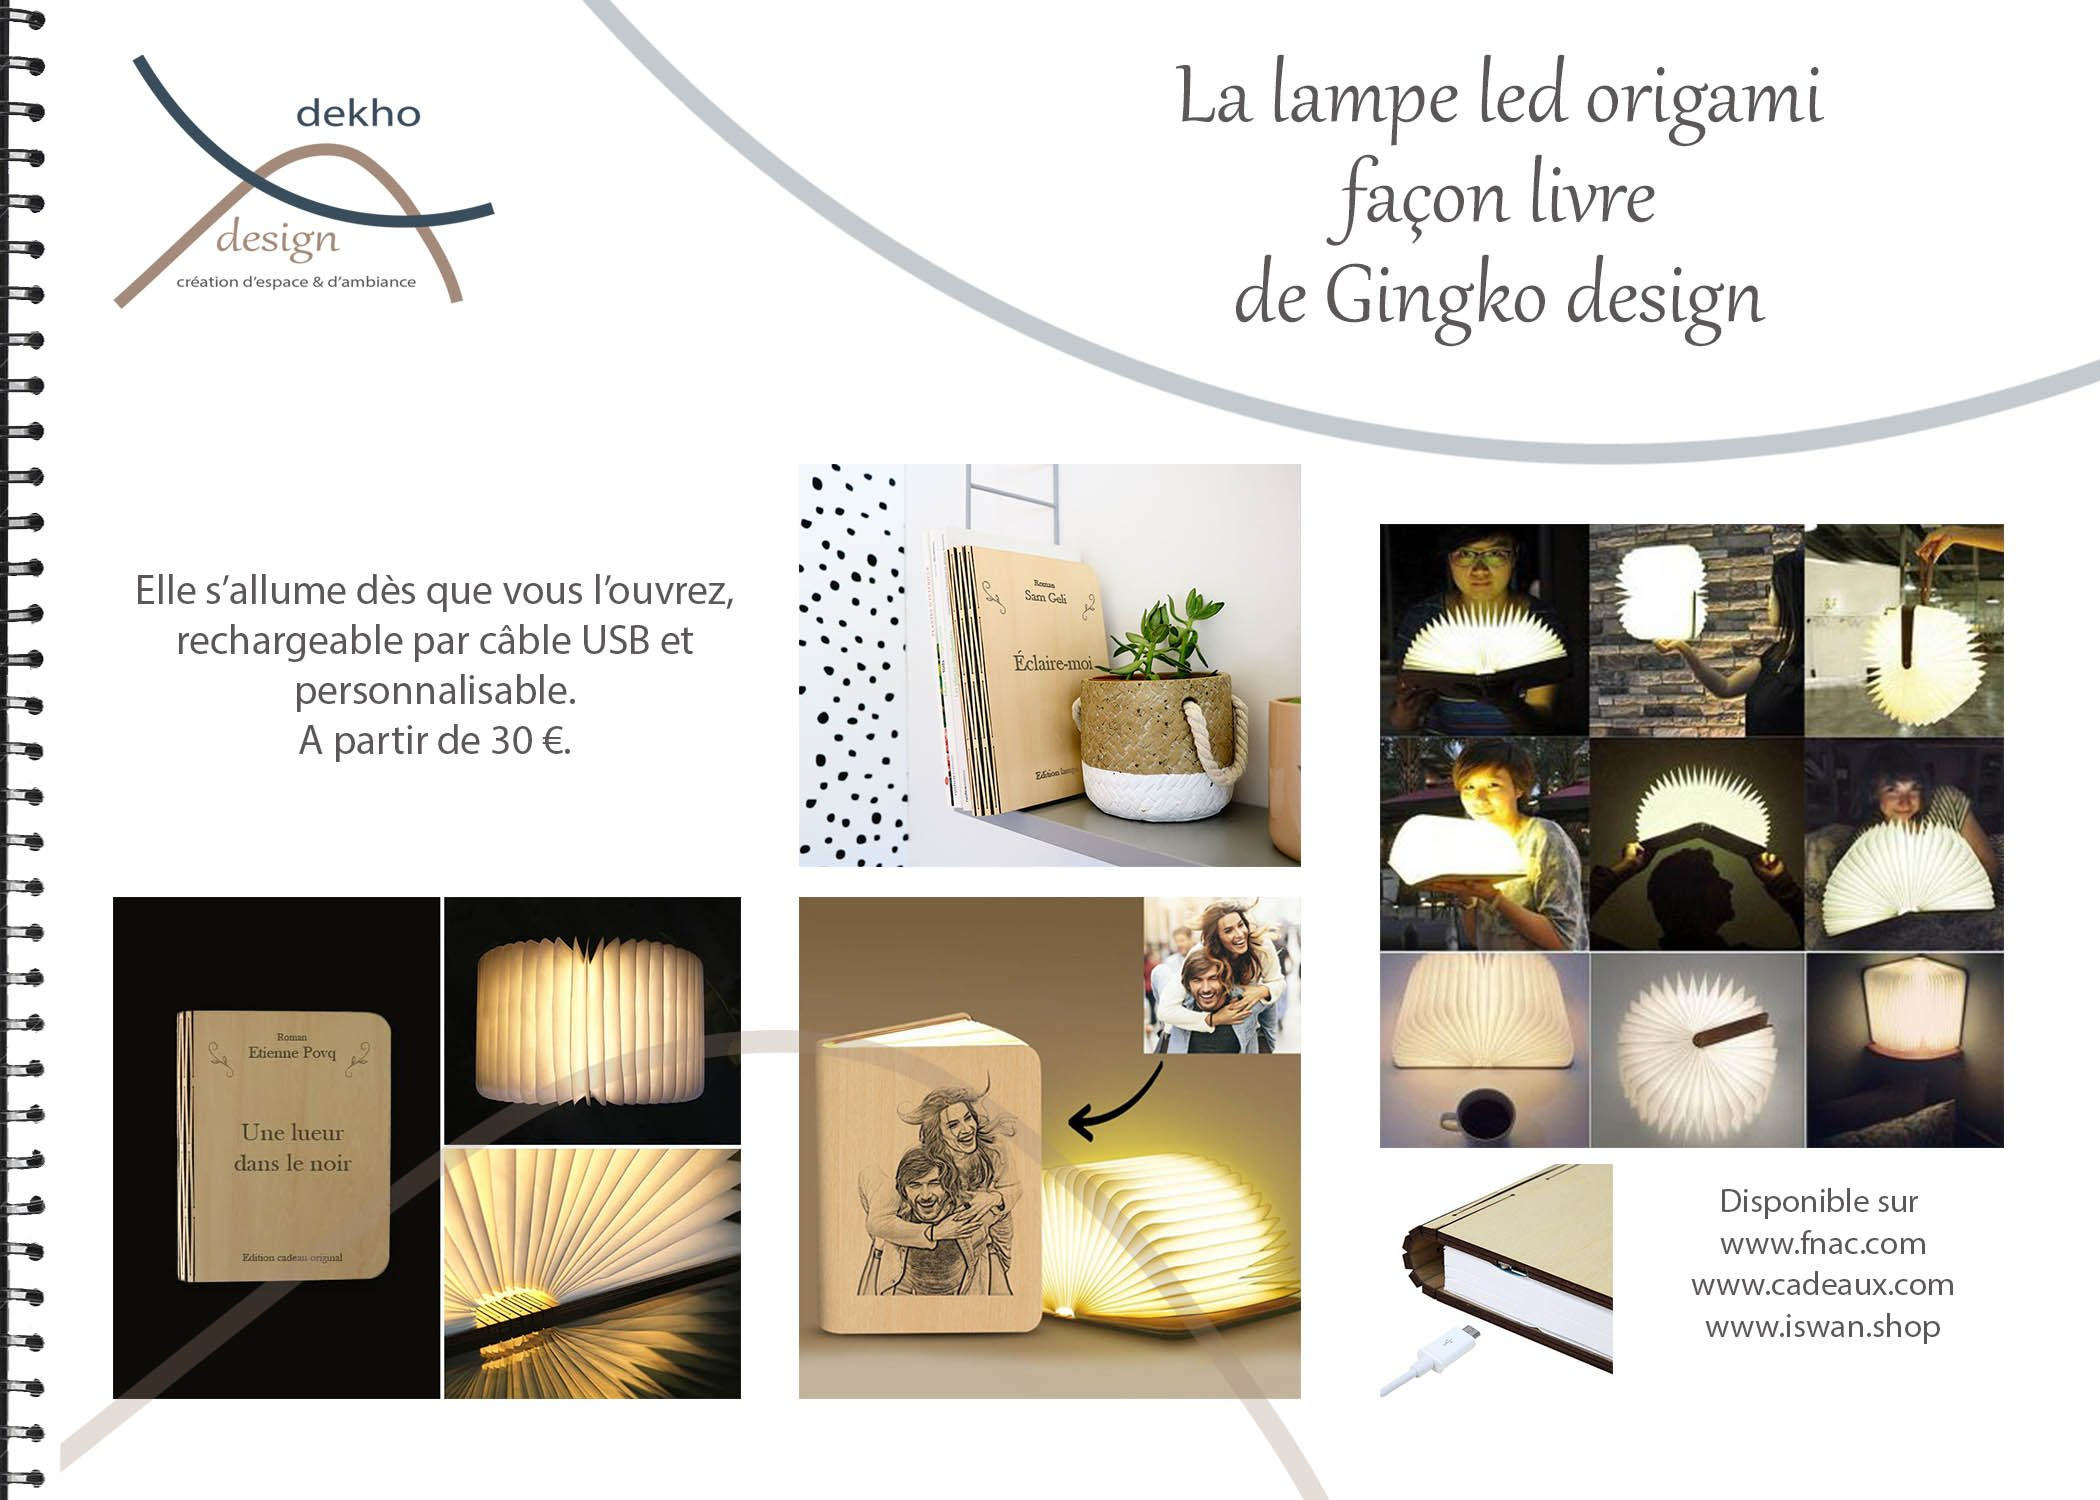 carnet d'intérieur-idées cadeaux-sélection gingko design-conseils-dekho design